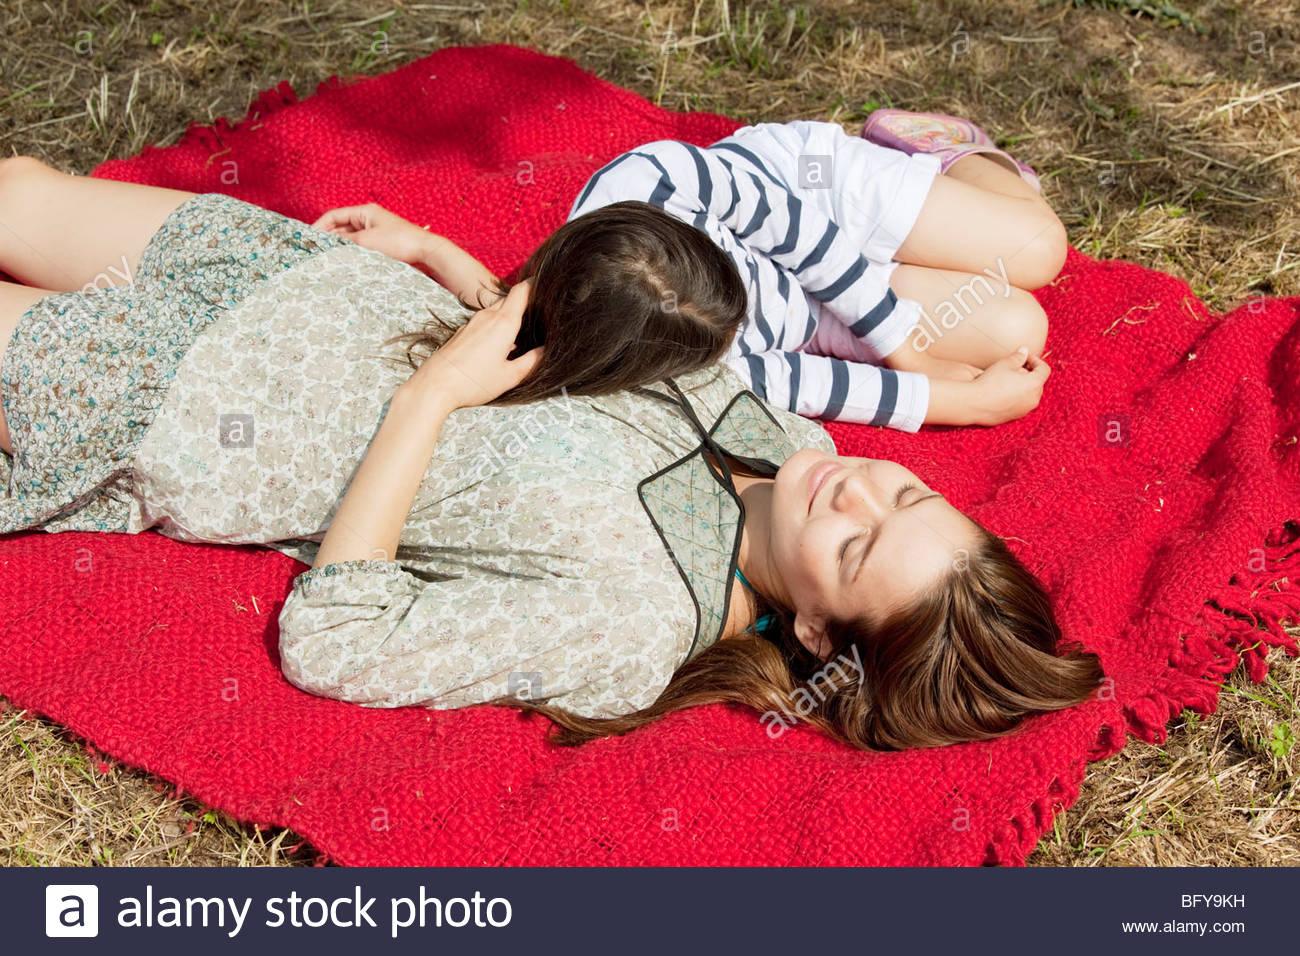 Mutter und Tochter liegen auf rote Decke Stockbild